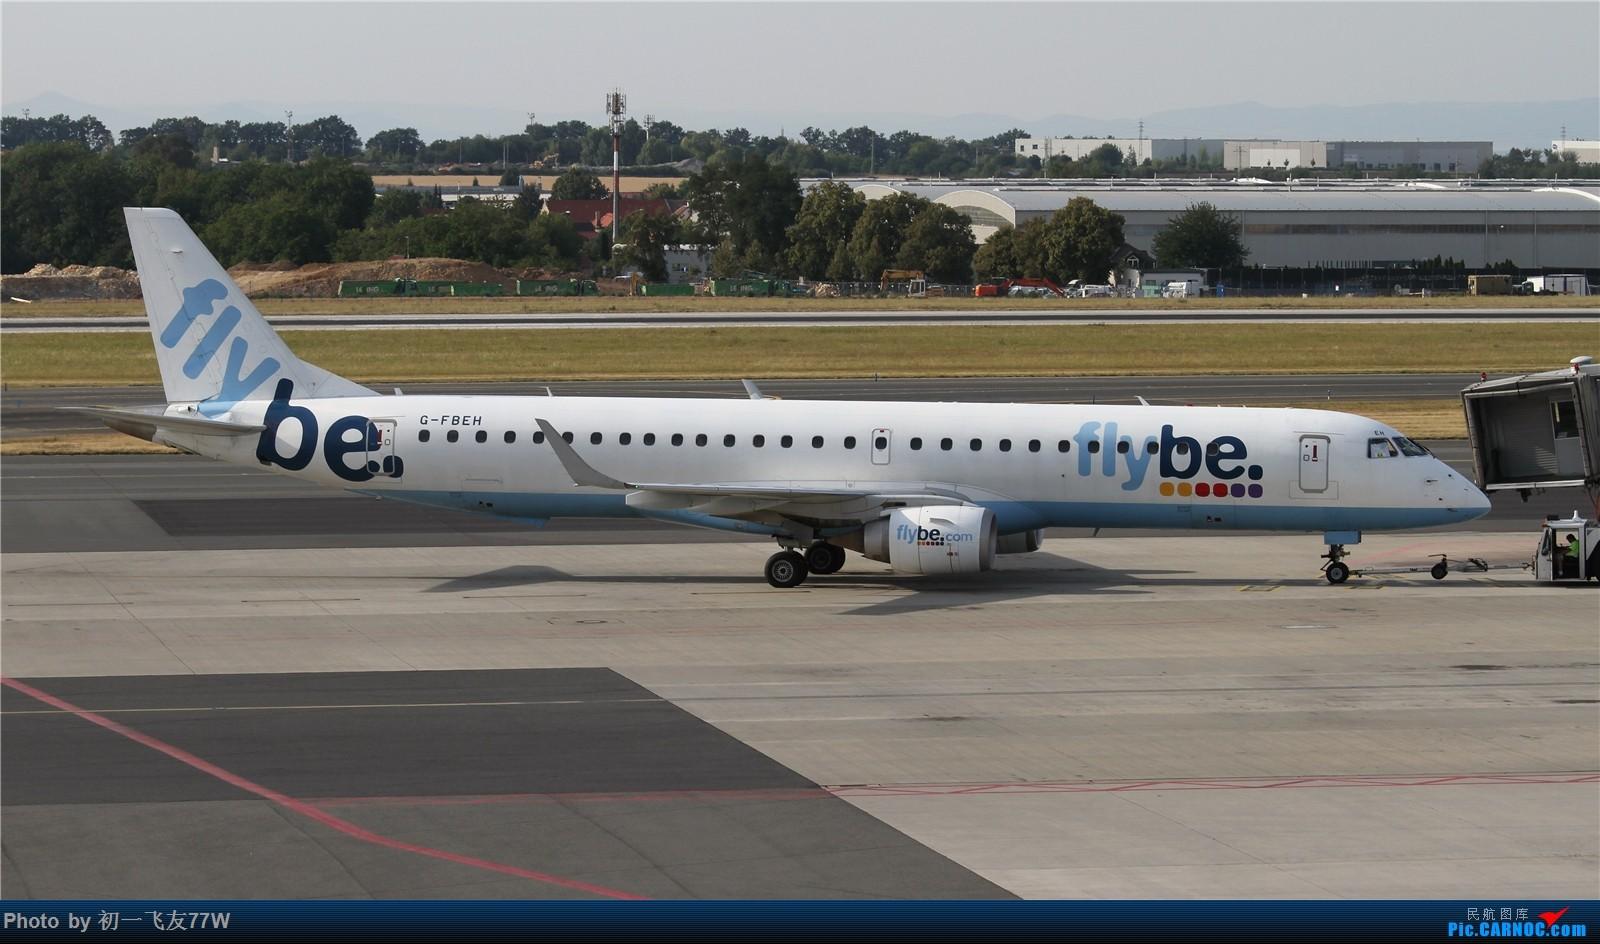 [原创]【多图党】在布拉格机场等飞机时伪装拍机【1600:900】 EMBRAER E-195